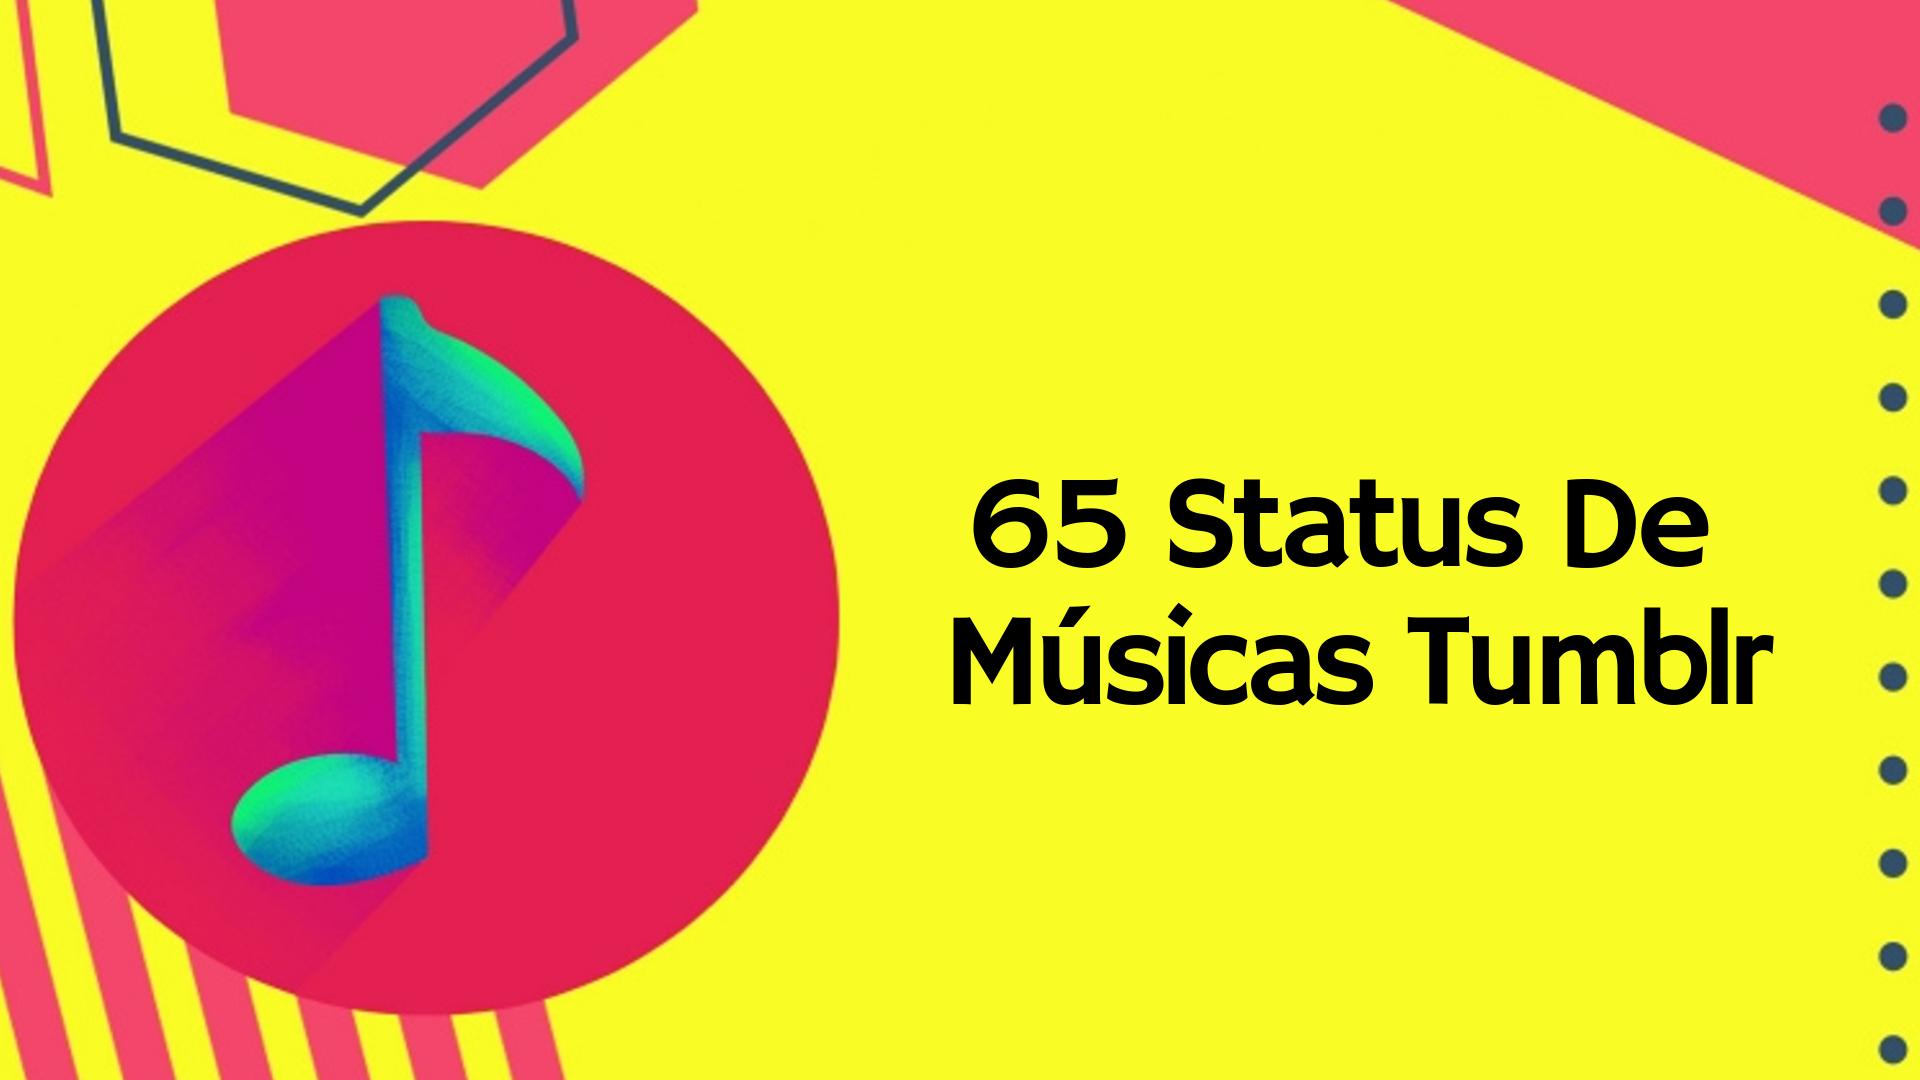 ▷ 65 Status De Músicas Tumblr – Os Melhores